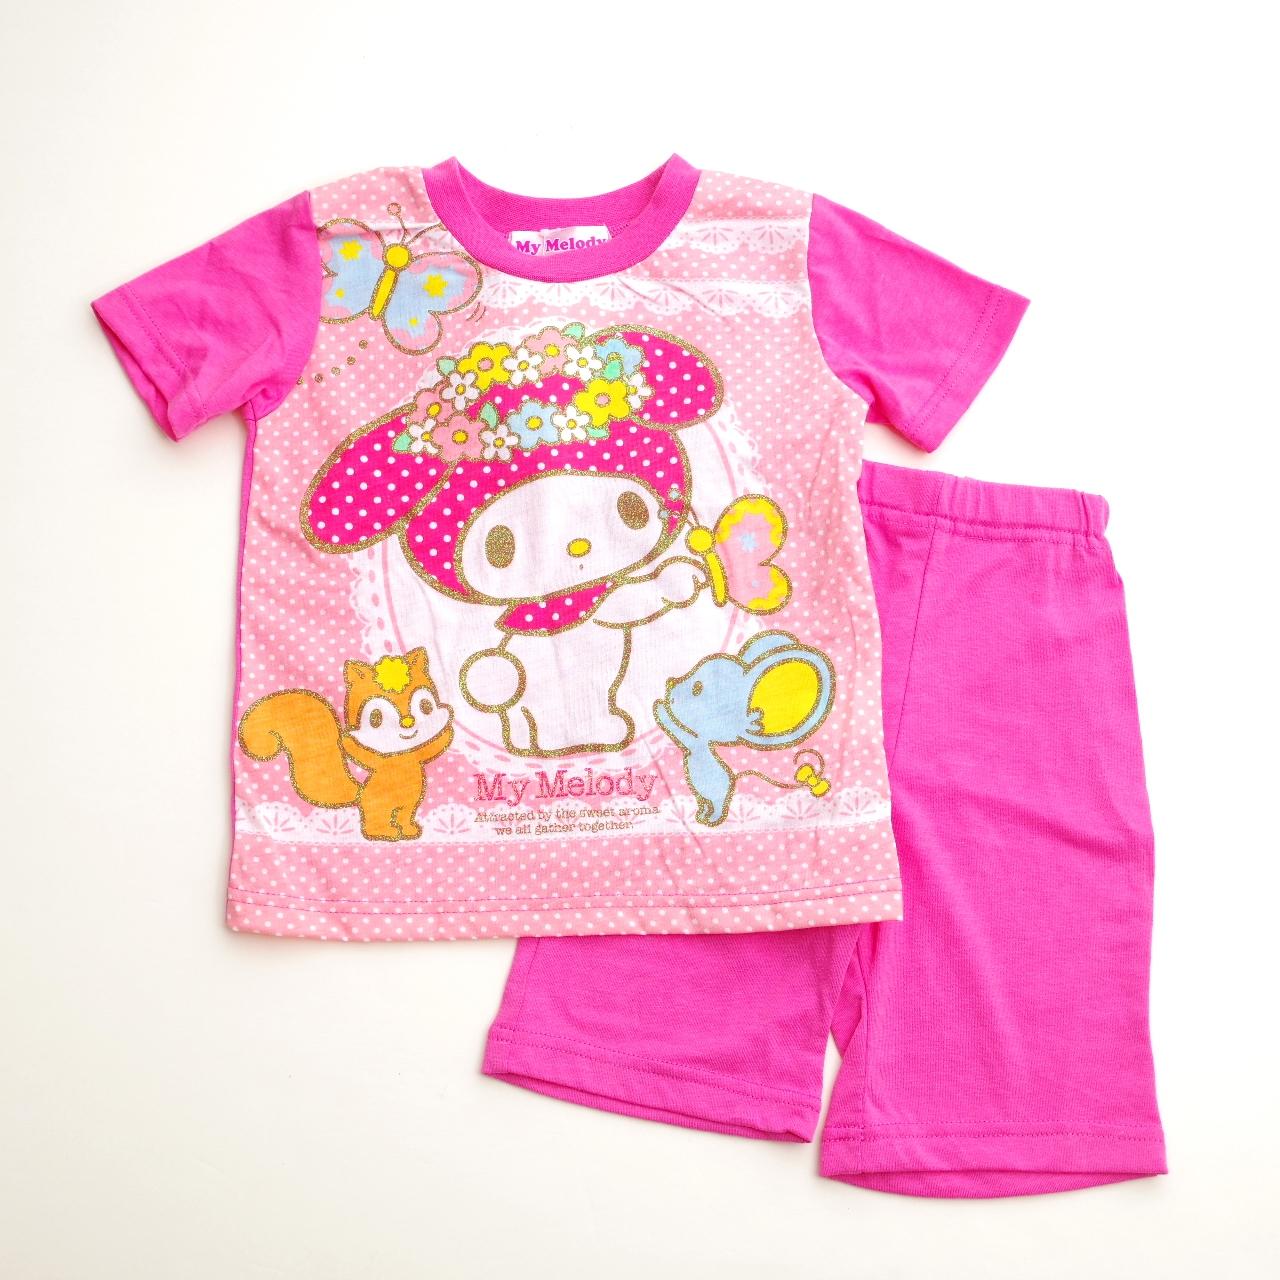 サンリオマイメロディ 半袖Tシャツ生地のパジャマ  100-130cm(732MM007112)